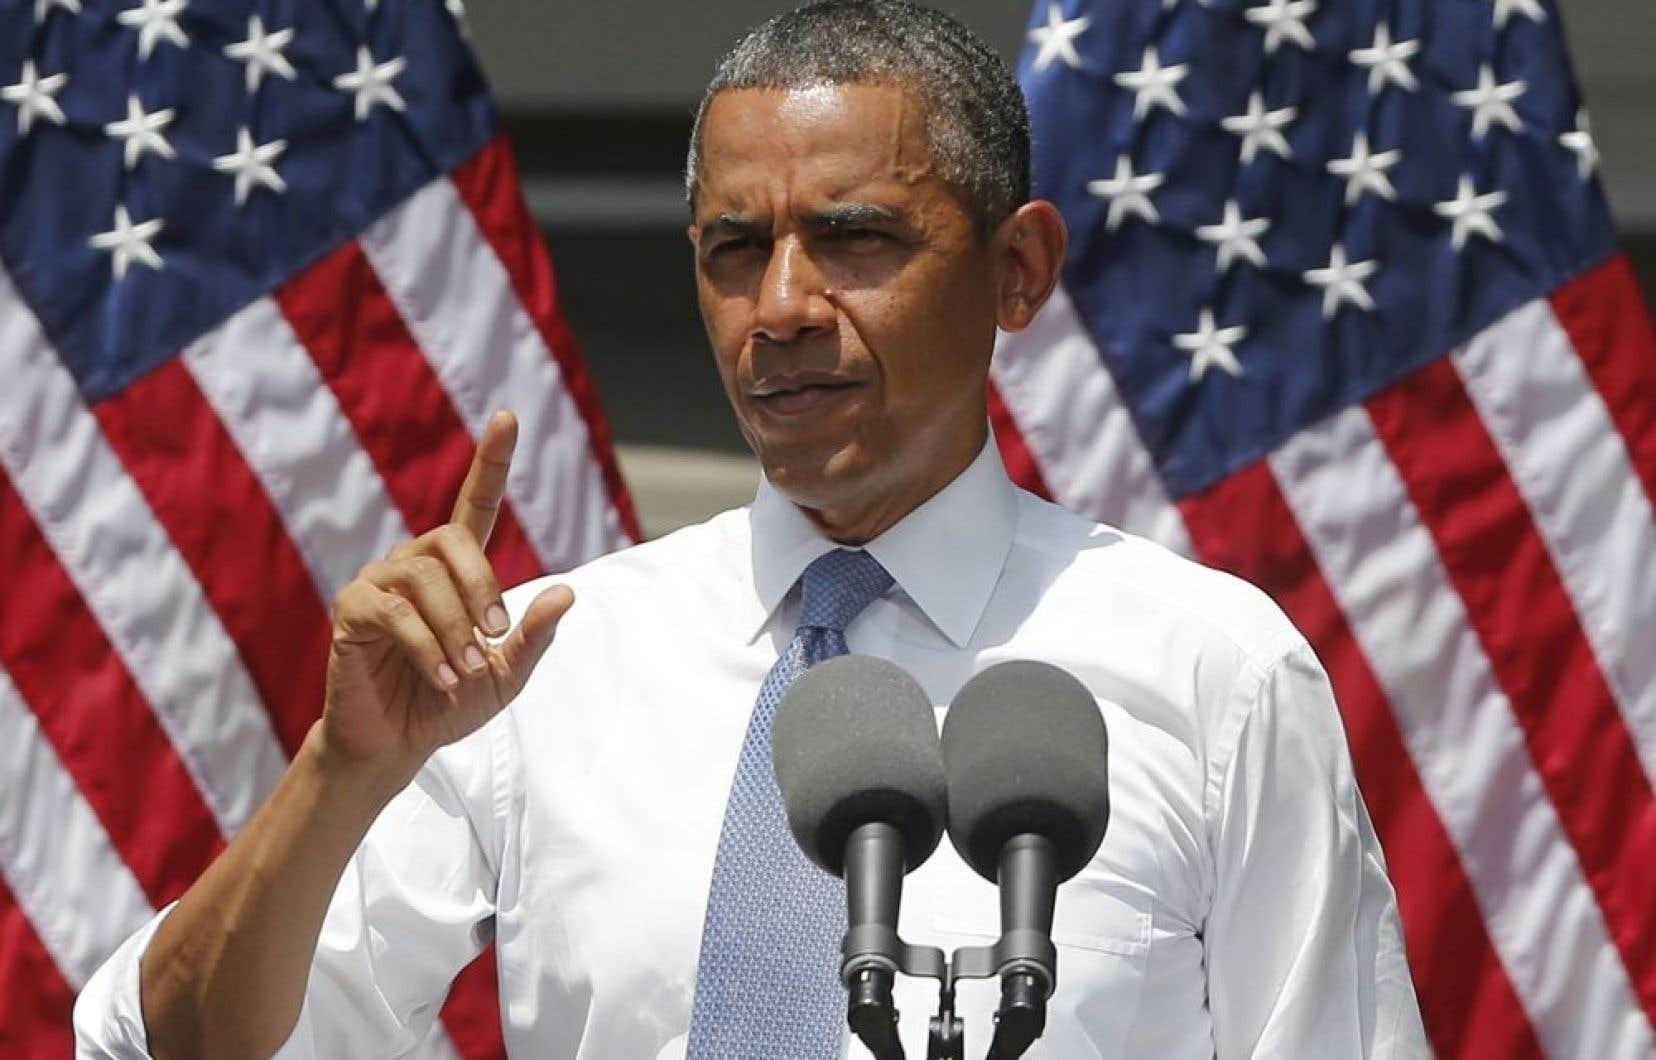 «Un commerce libre et équitable de part et d'autre de l'Atlantique soutiendra des millions d'emplois américains bien payés», avait déclaré le président américain Barack Obama en février, amorçant le début de ce processus destiné à contourner l'impasse des discussions multilatérales à l'Organisation mondiale du commerce (OMC).